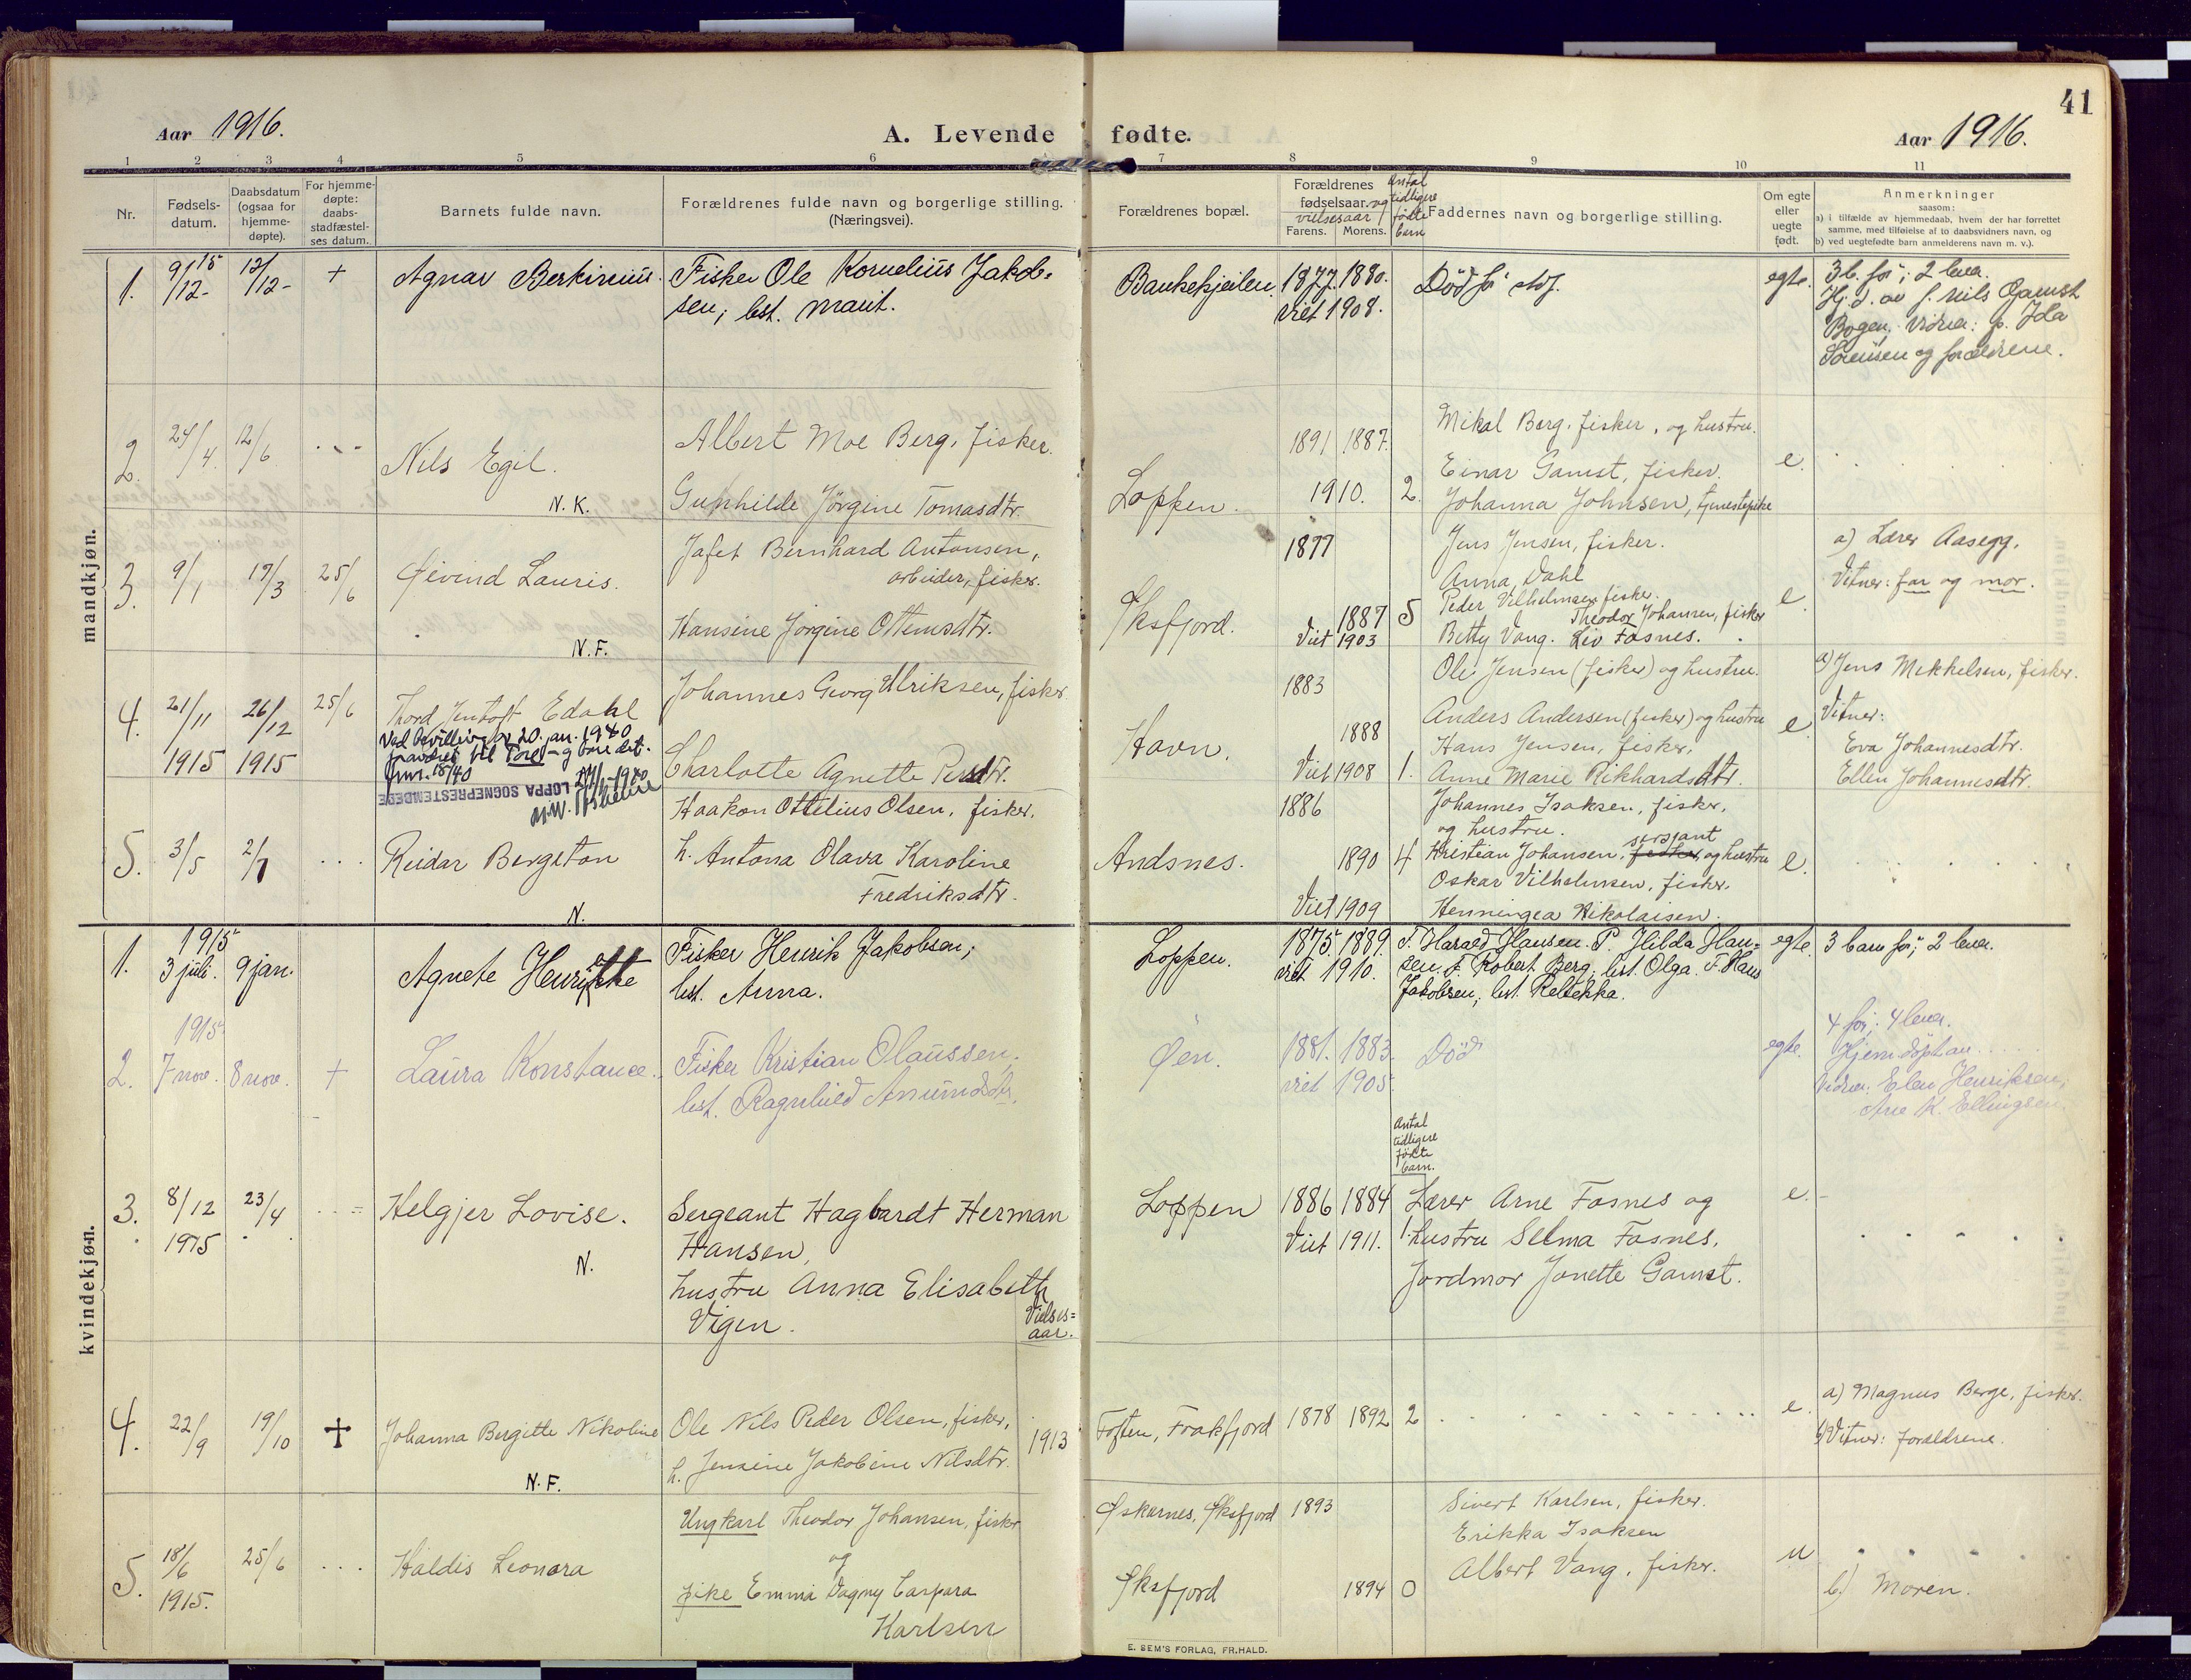 SATØ, Loppa sokneprestkontor, H/Ha/L0011kirke: Ministerialbok nr. 11, 1909-1919, s. 41